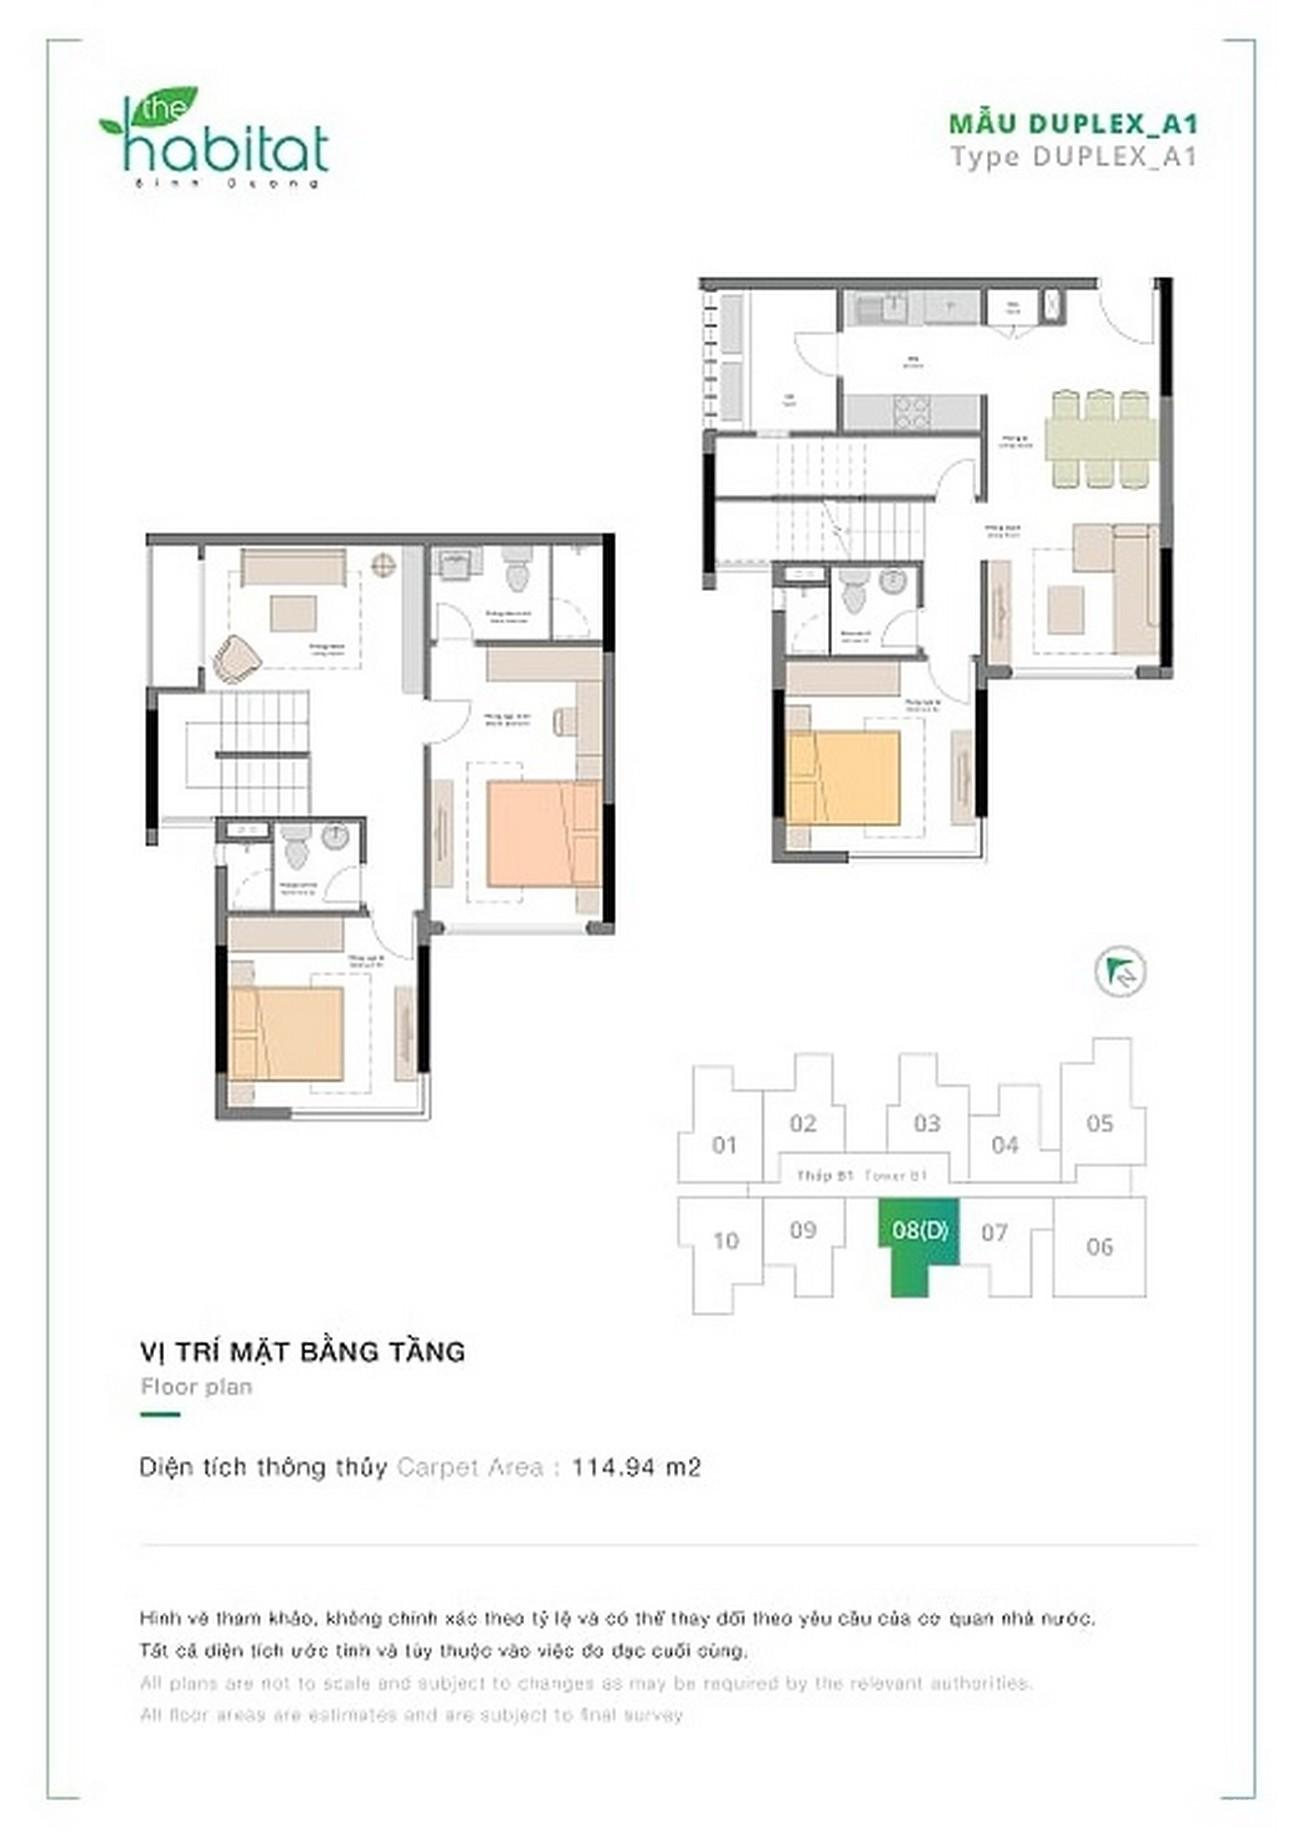 Mặt bằng dự án căn hộ chung cư Habitat Thuận An Đường Hữu Nghị chủ đầu tư VSIP Sembcorp Gateway